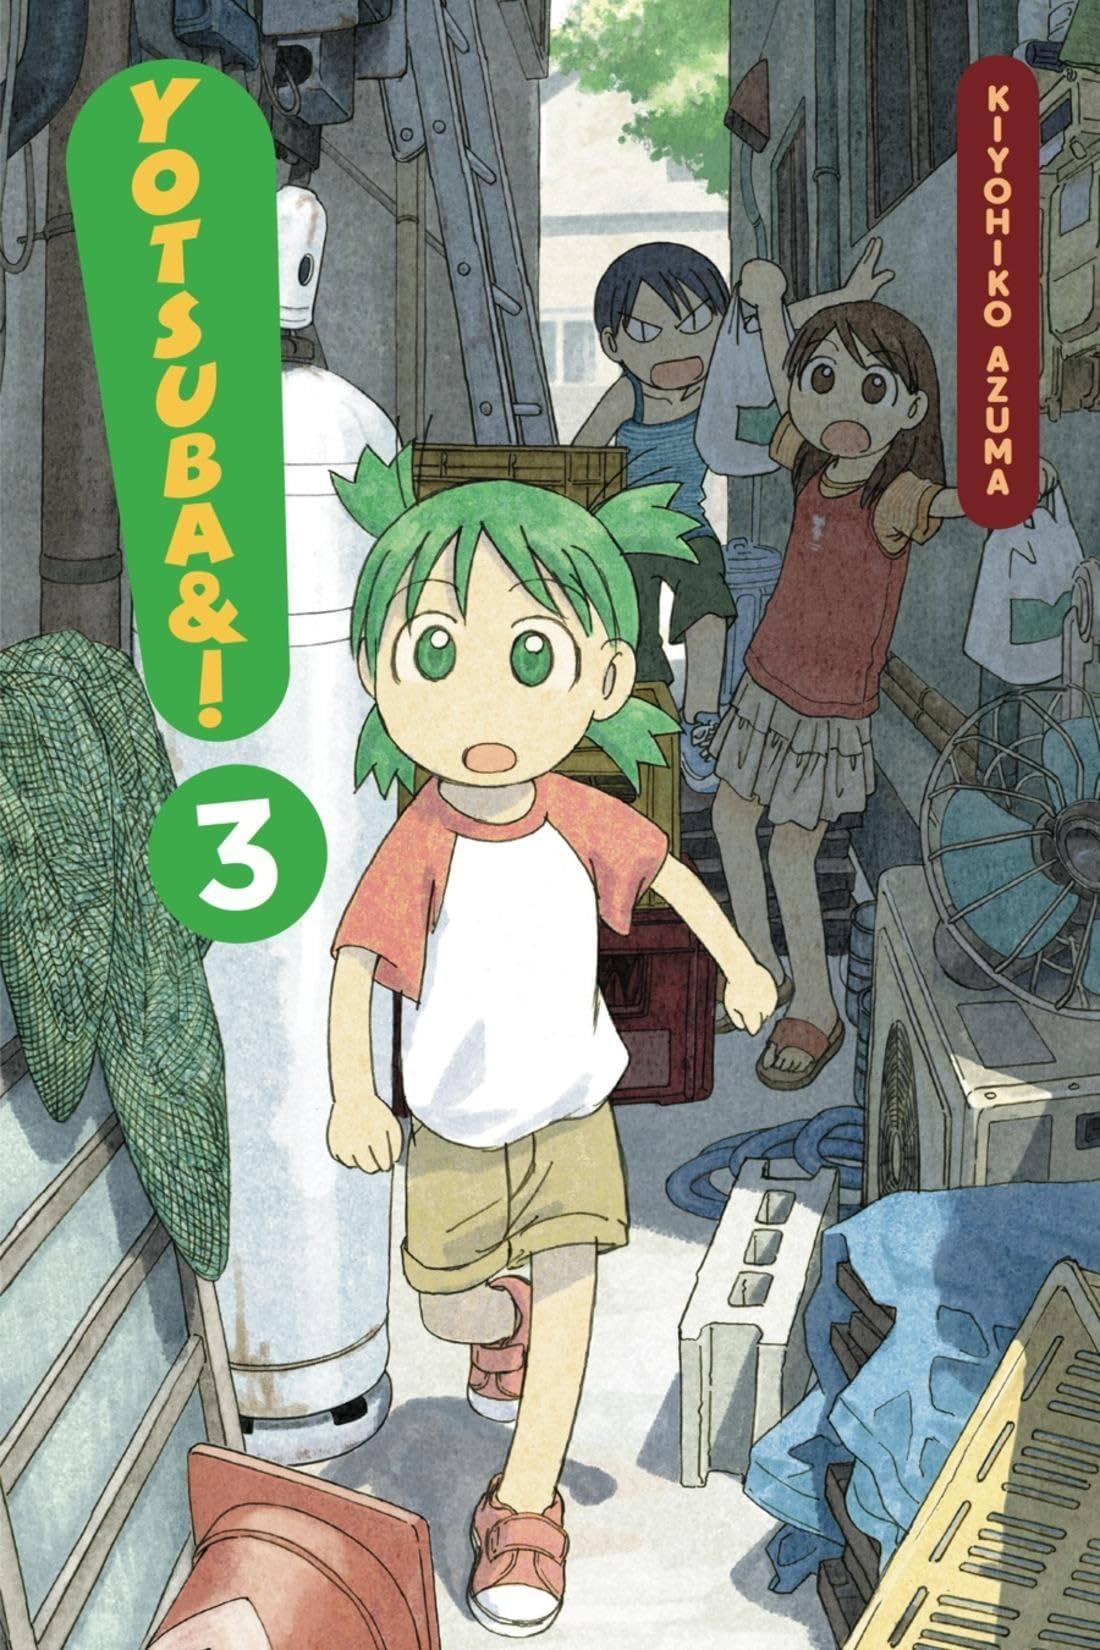 Yotsuba&! Vol. 3